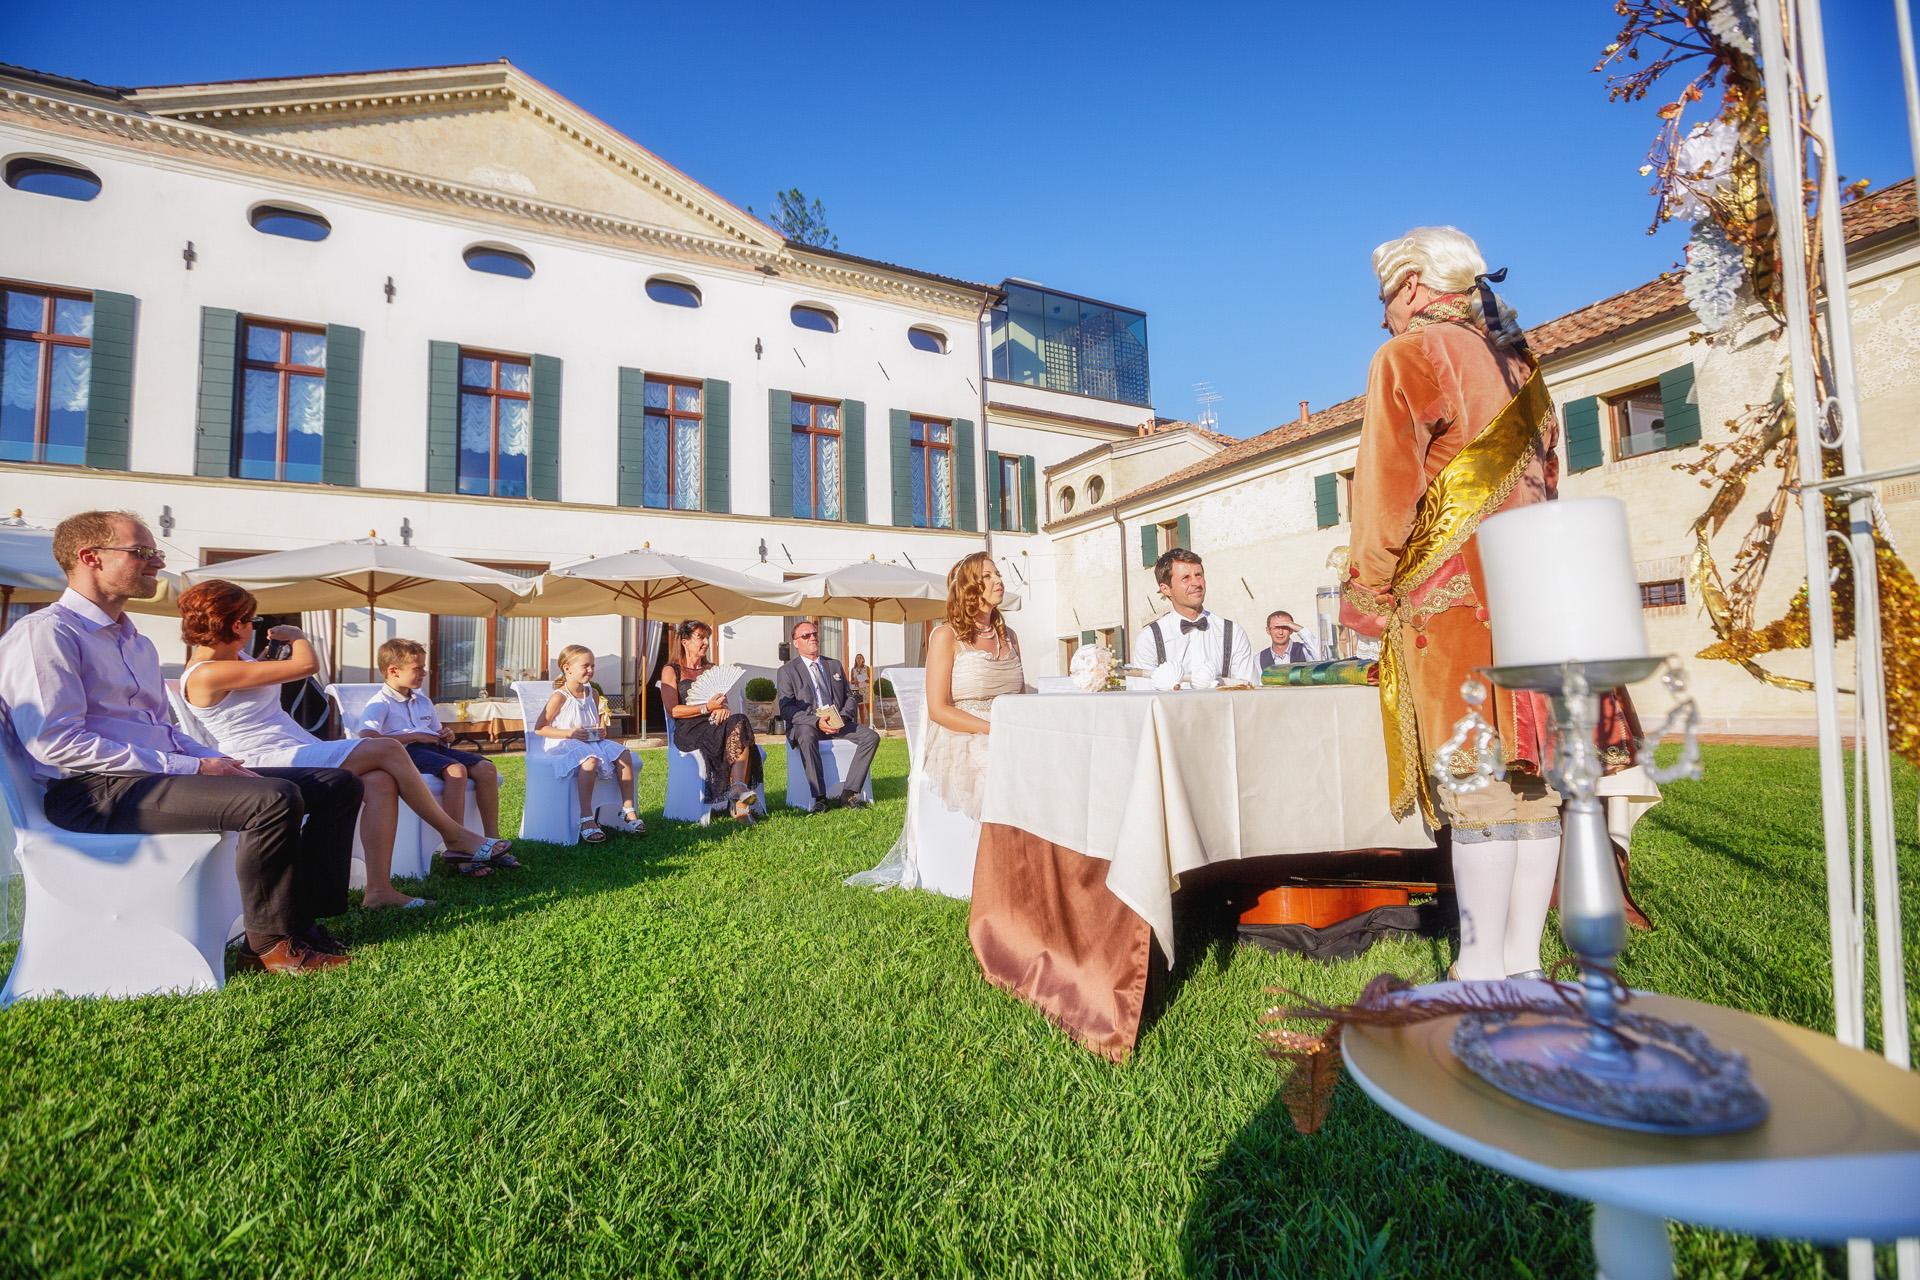 Foto de boda pequeña al aire libre de Venecia, Italia | La simbólica ceremonia de boda al aire libre que incluyó al novio realizando una romántica serenata.